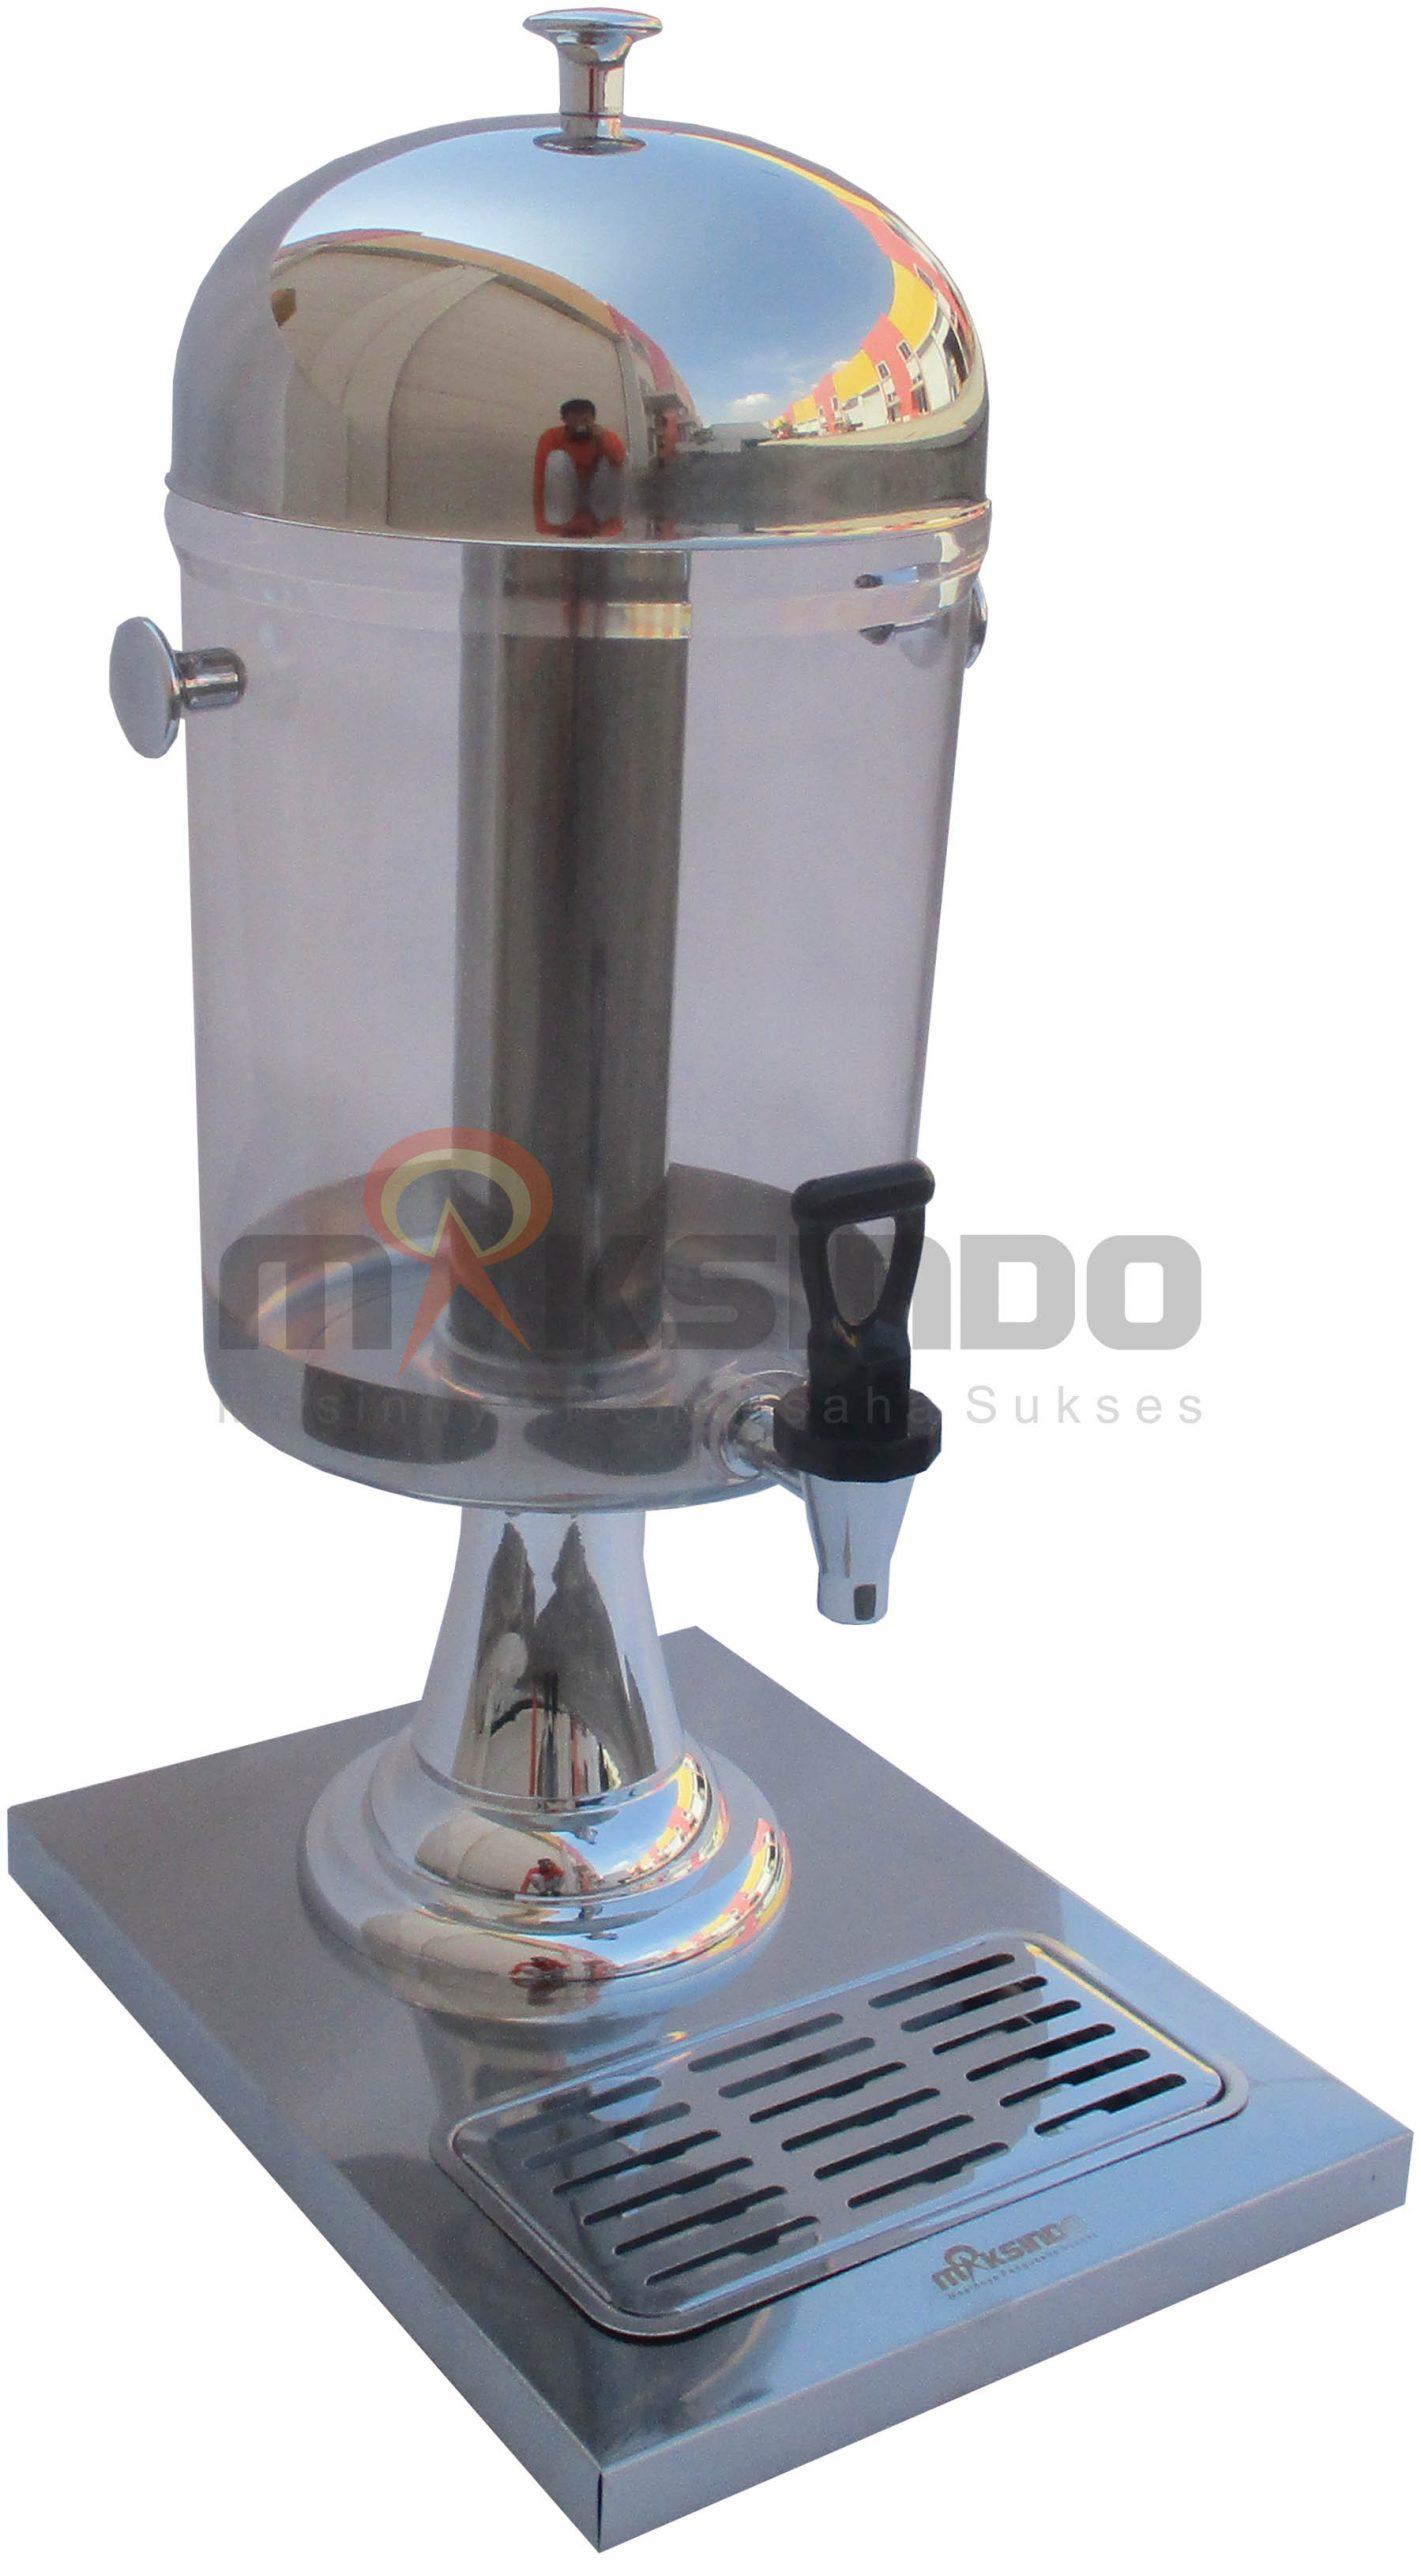 Jual Single Juice Dispenser MKS-DSP11 Di Bandung